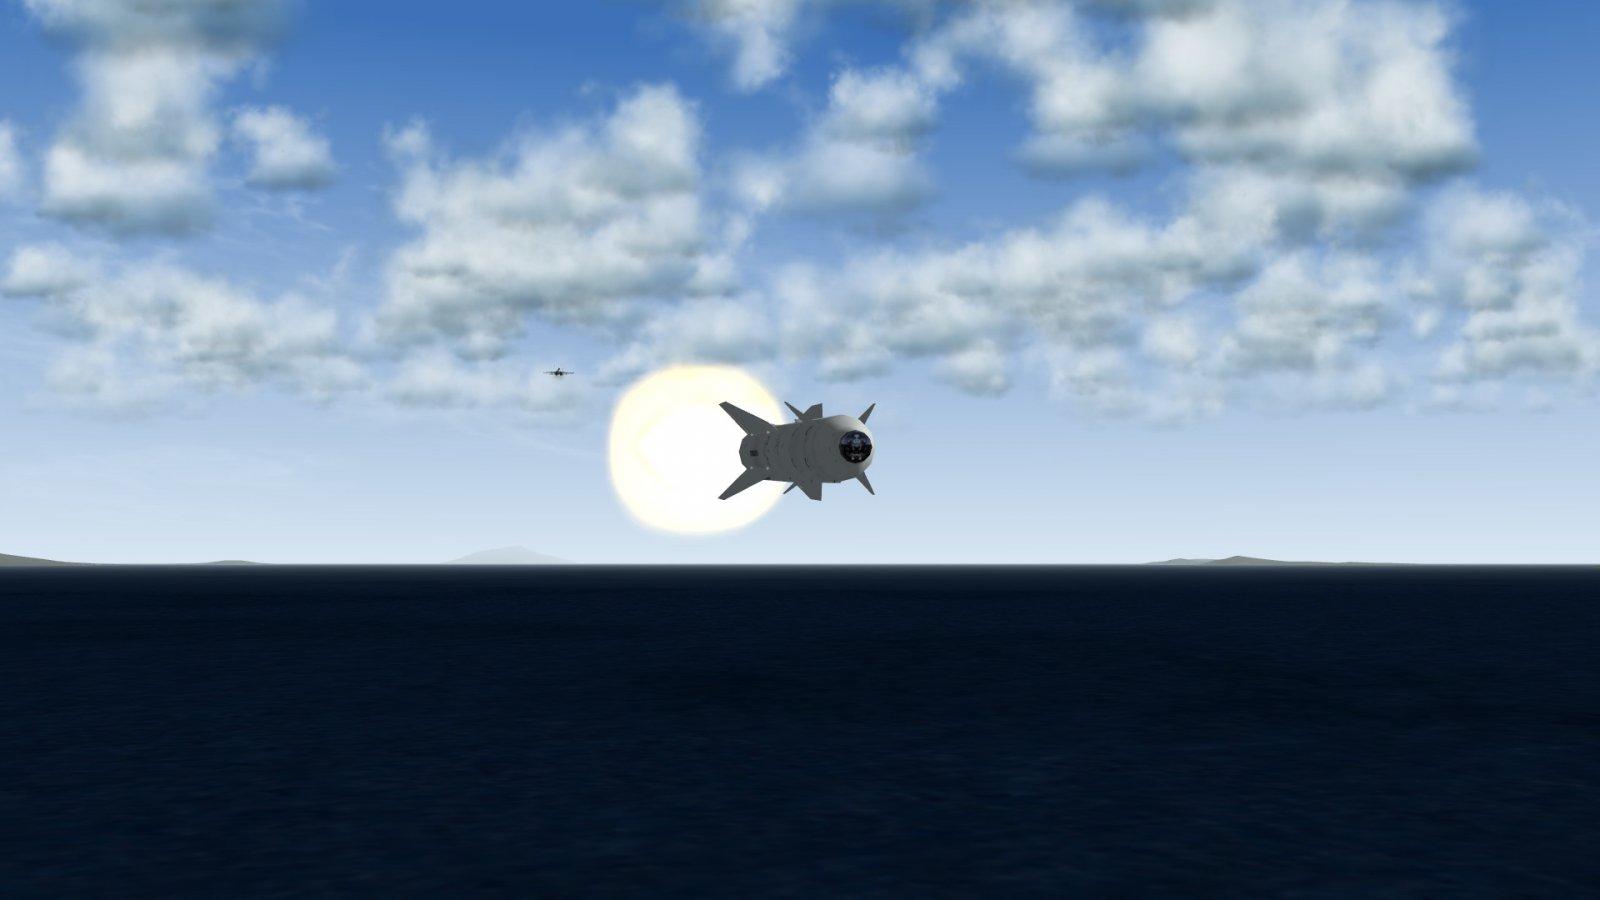 Kh-29TE In Flight